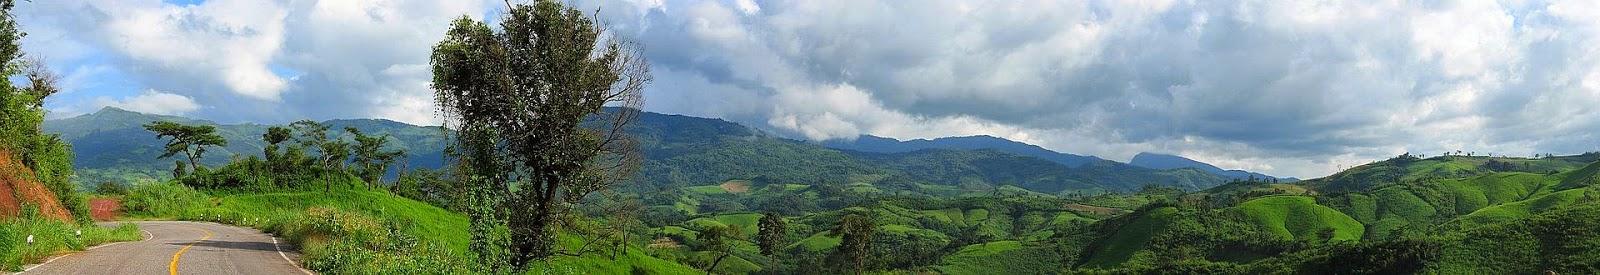 Landschaft nach Regenzeit